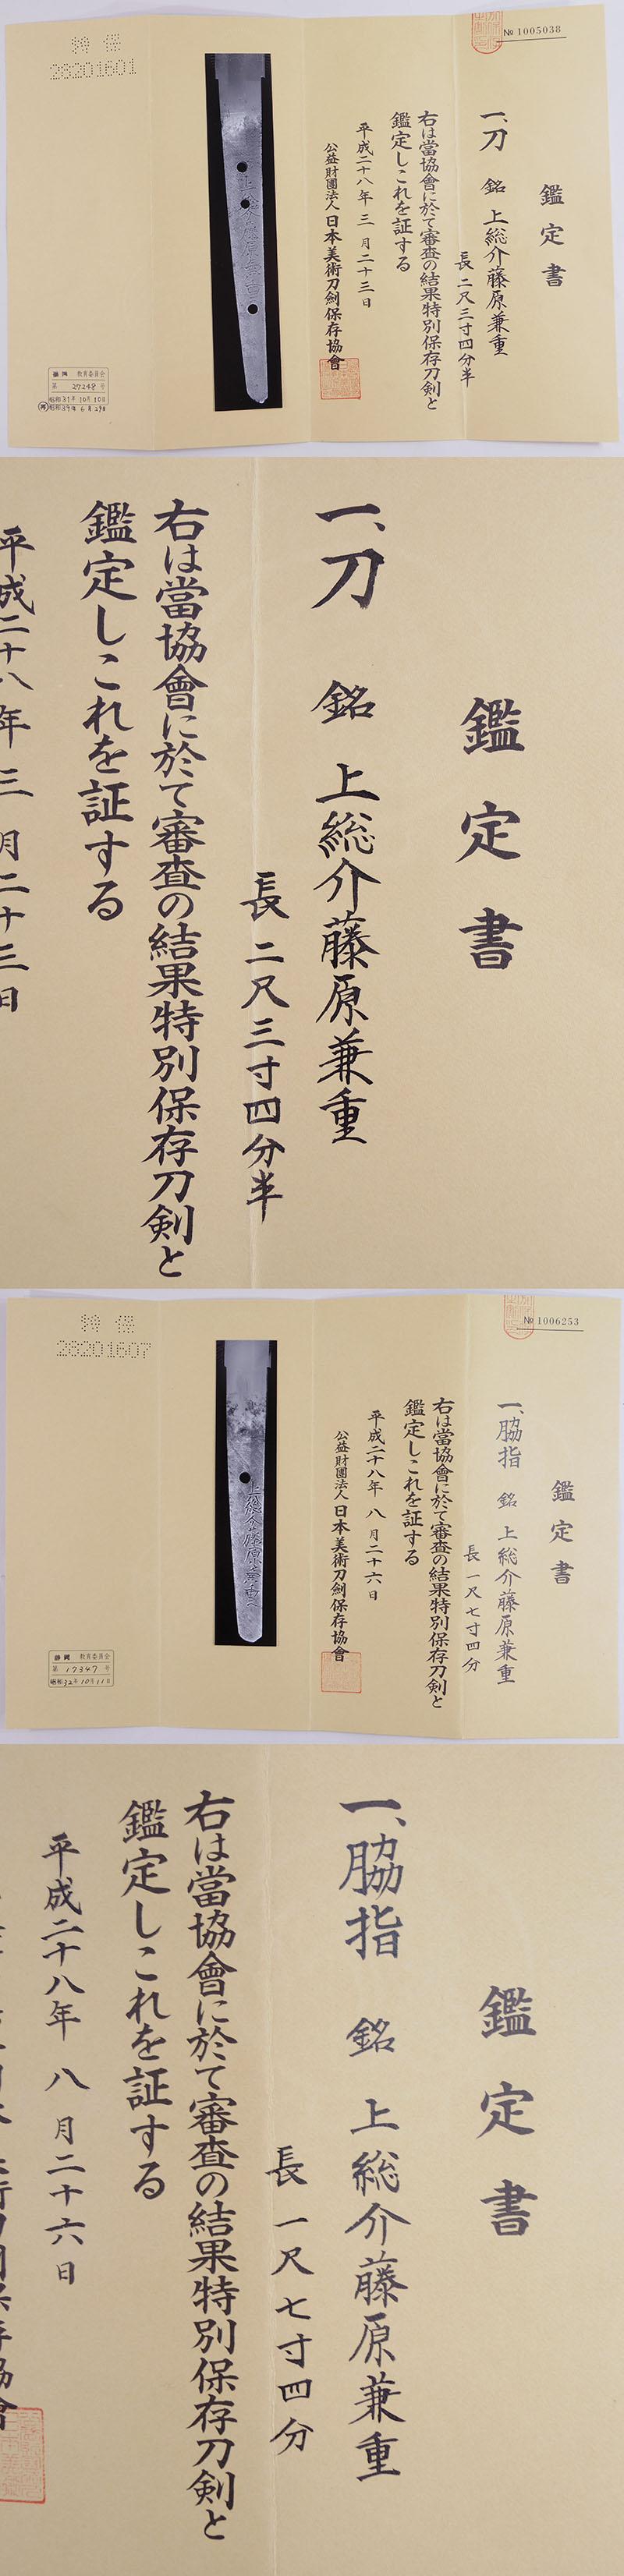 大小一腰 上総介藤原兼重 Picture of Certificate